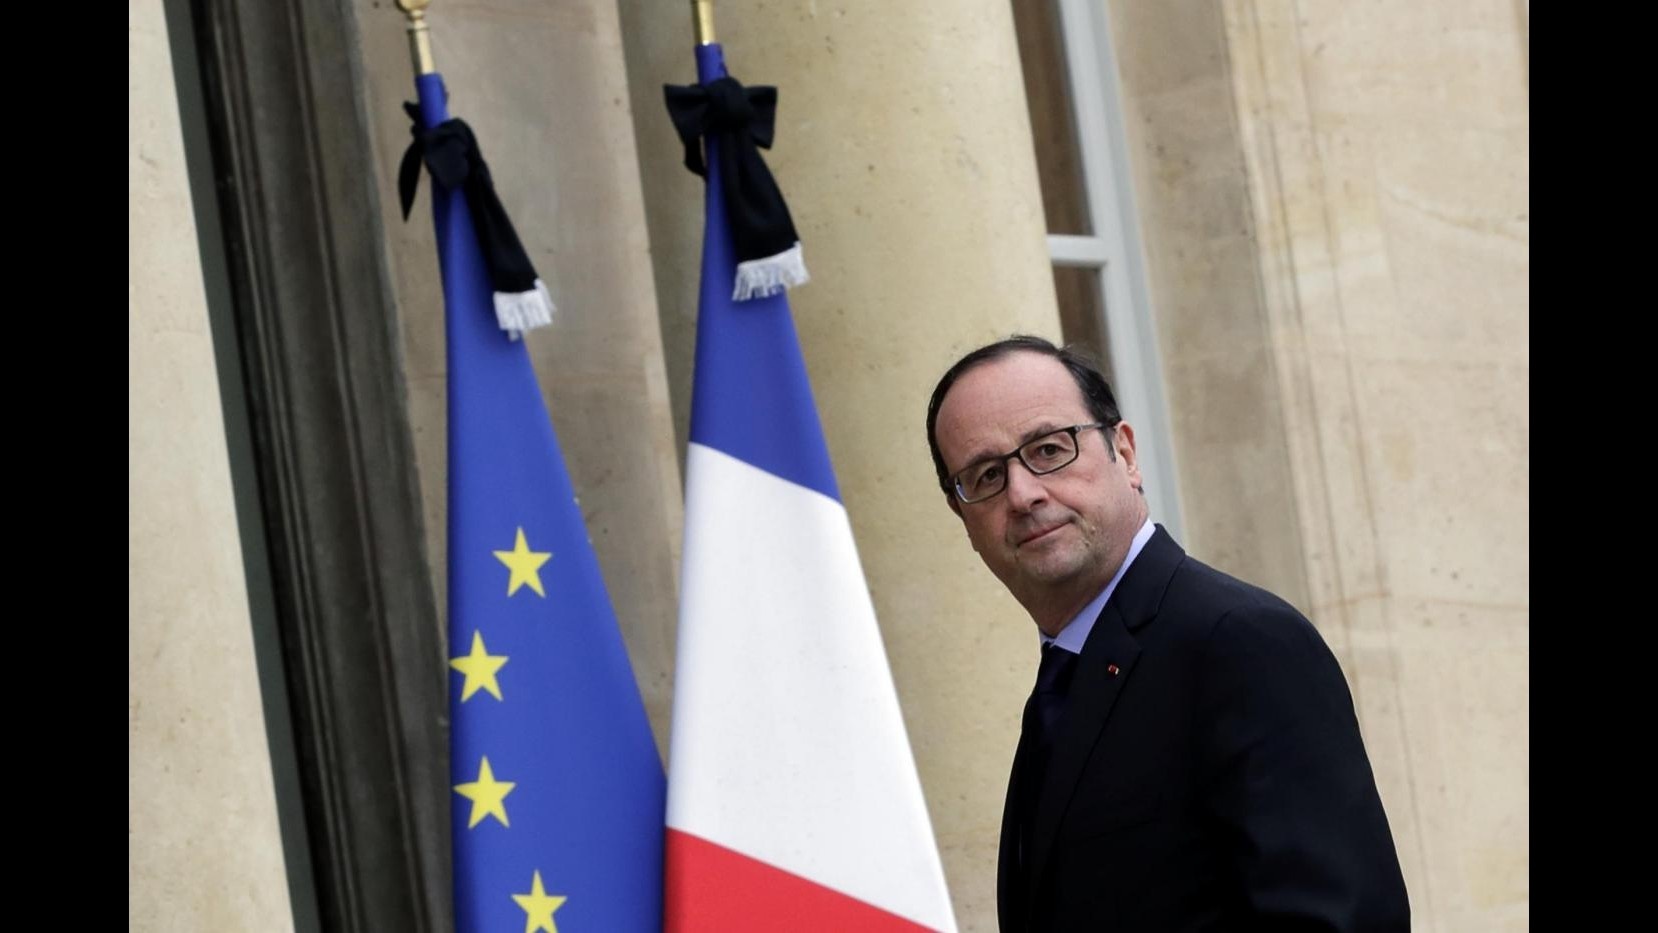 Charlie Hebdo, Hollande incontra comunità ebraica all'Eliseo